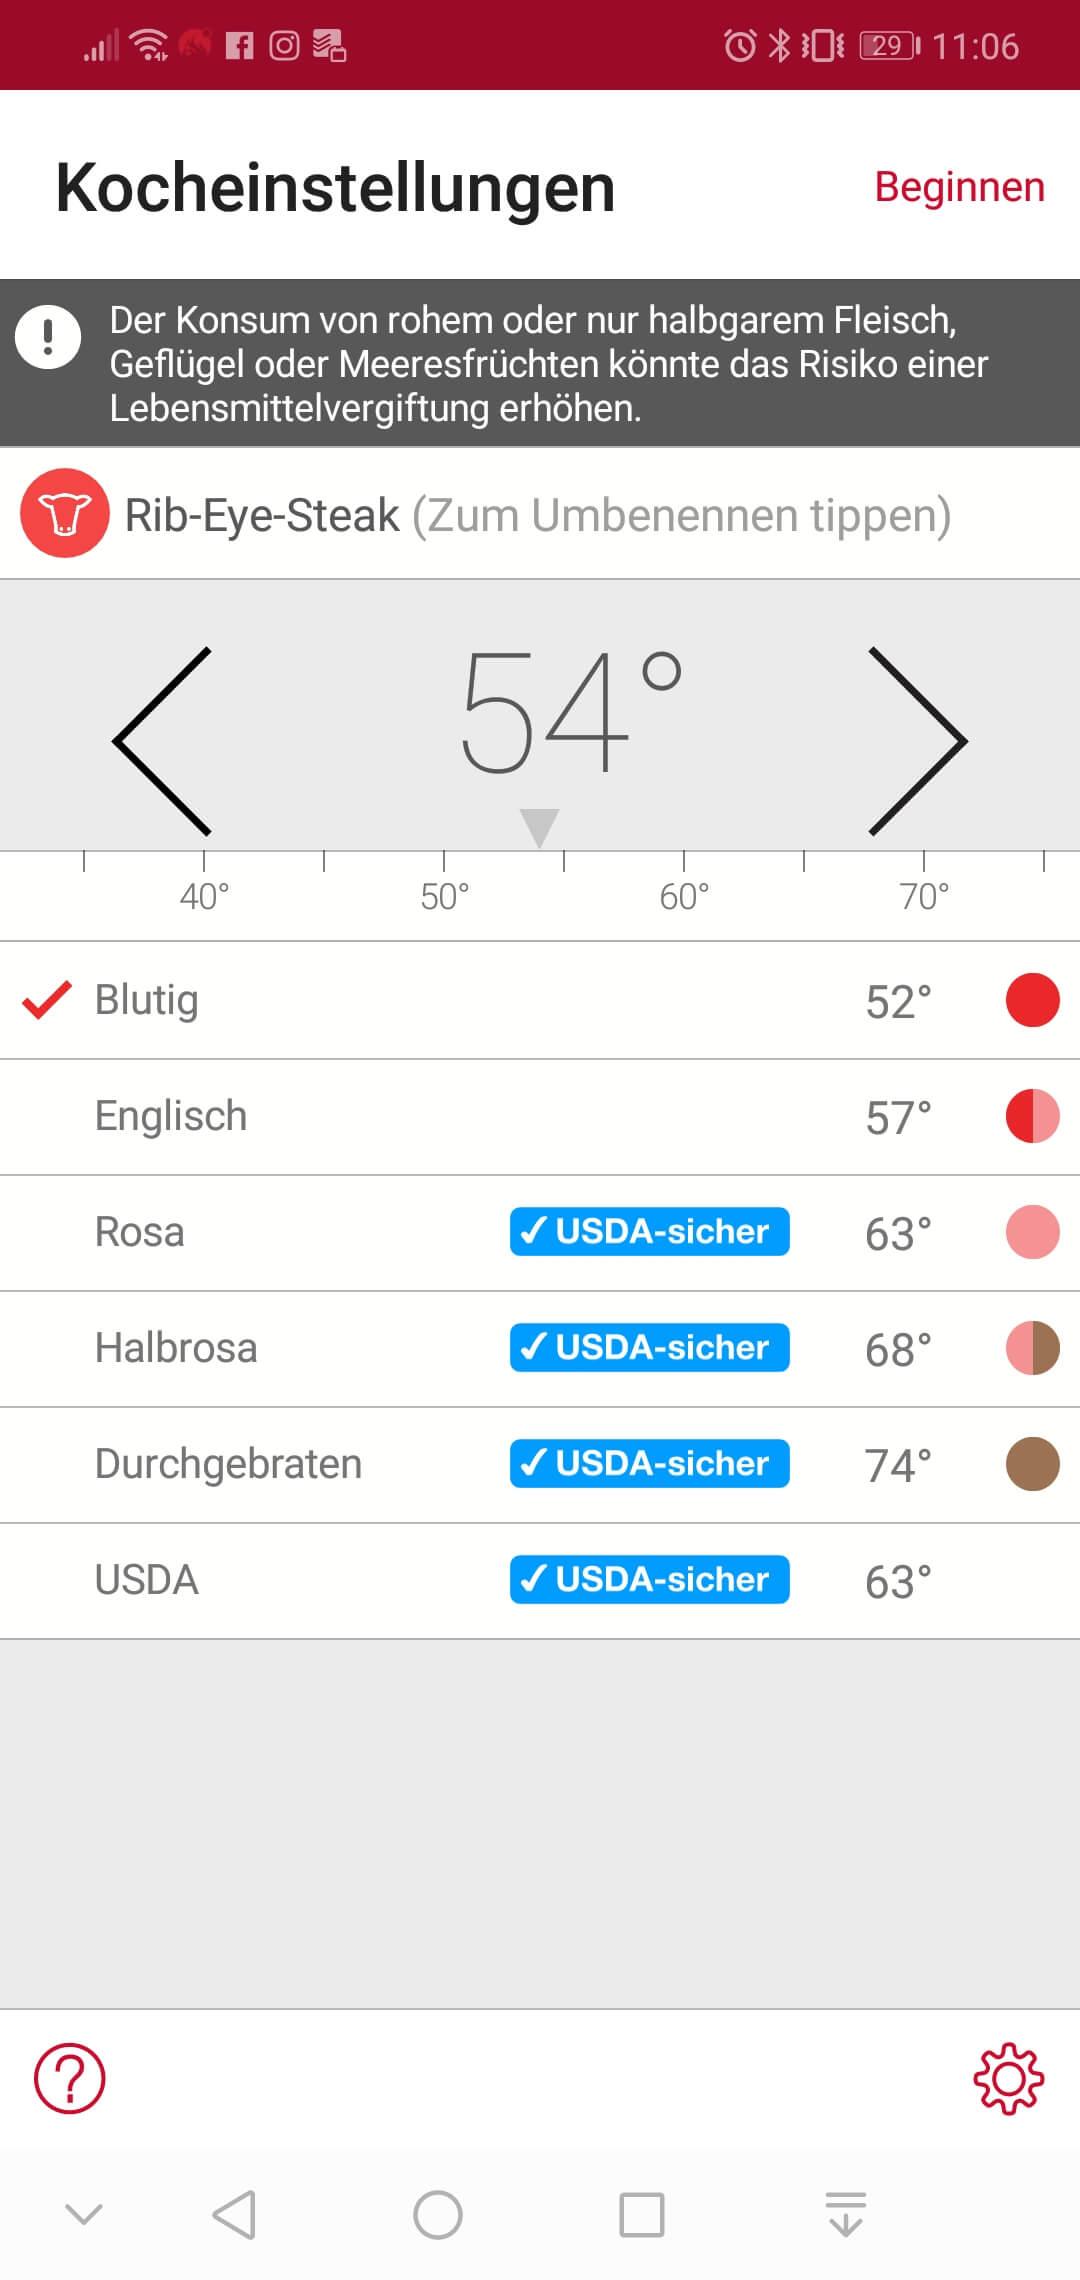 Zieltemperatur auswählen oder einstellen _Screenshot 20181028 110642